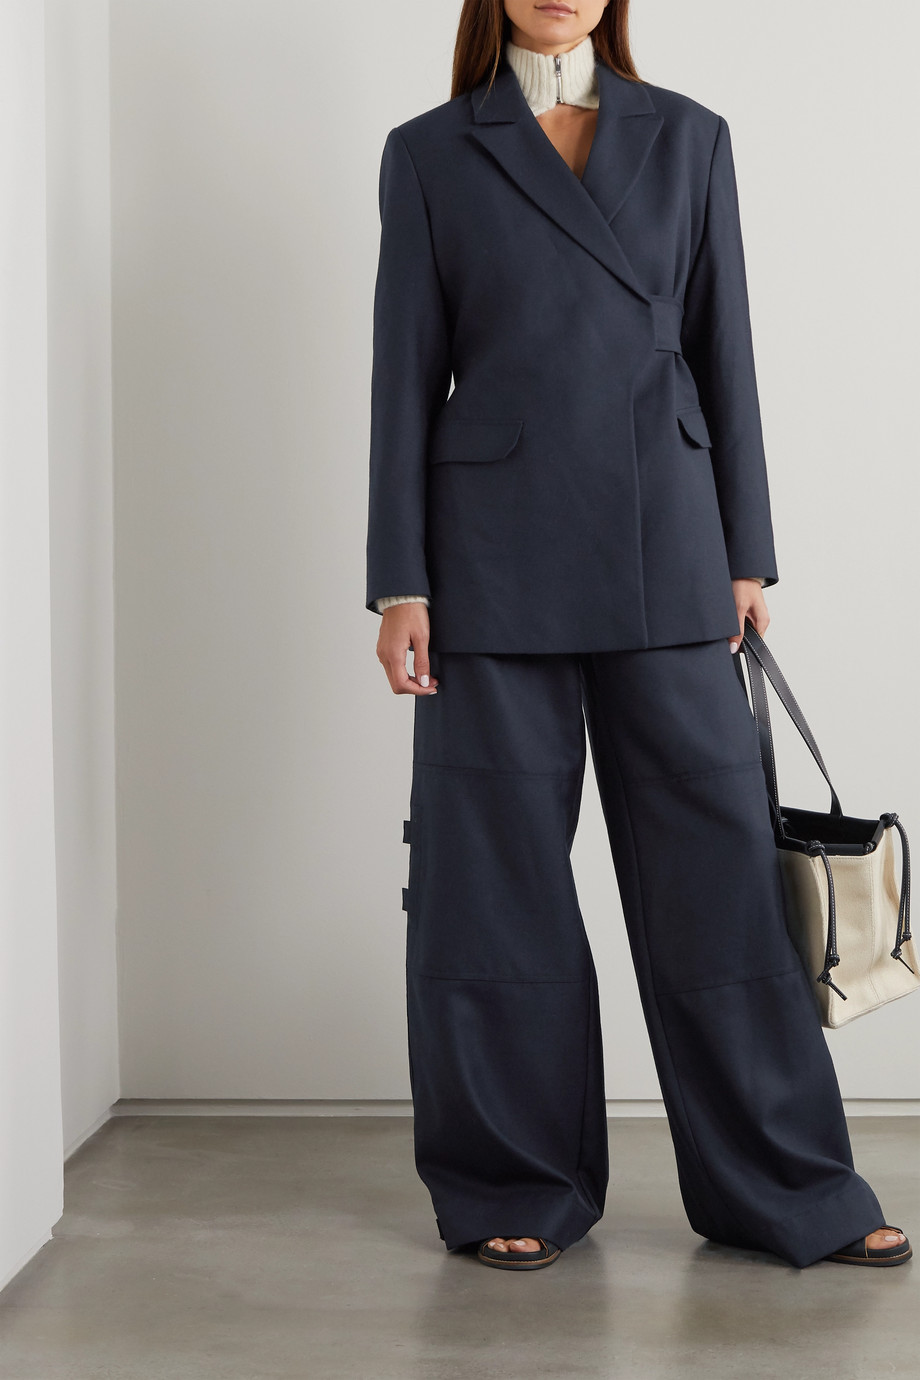 GANNI Wickel-Blazer aus einer Wollmischung mit Gürtel